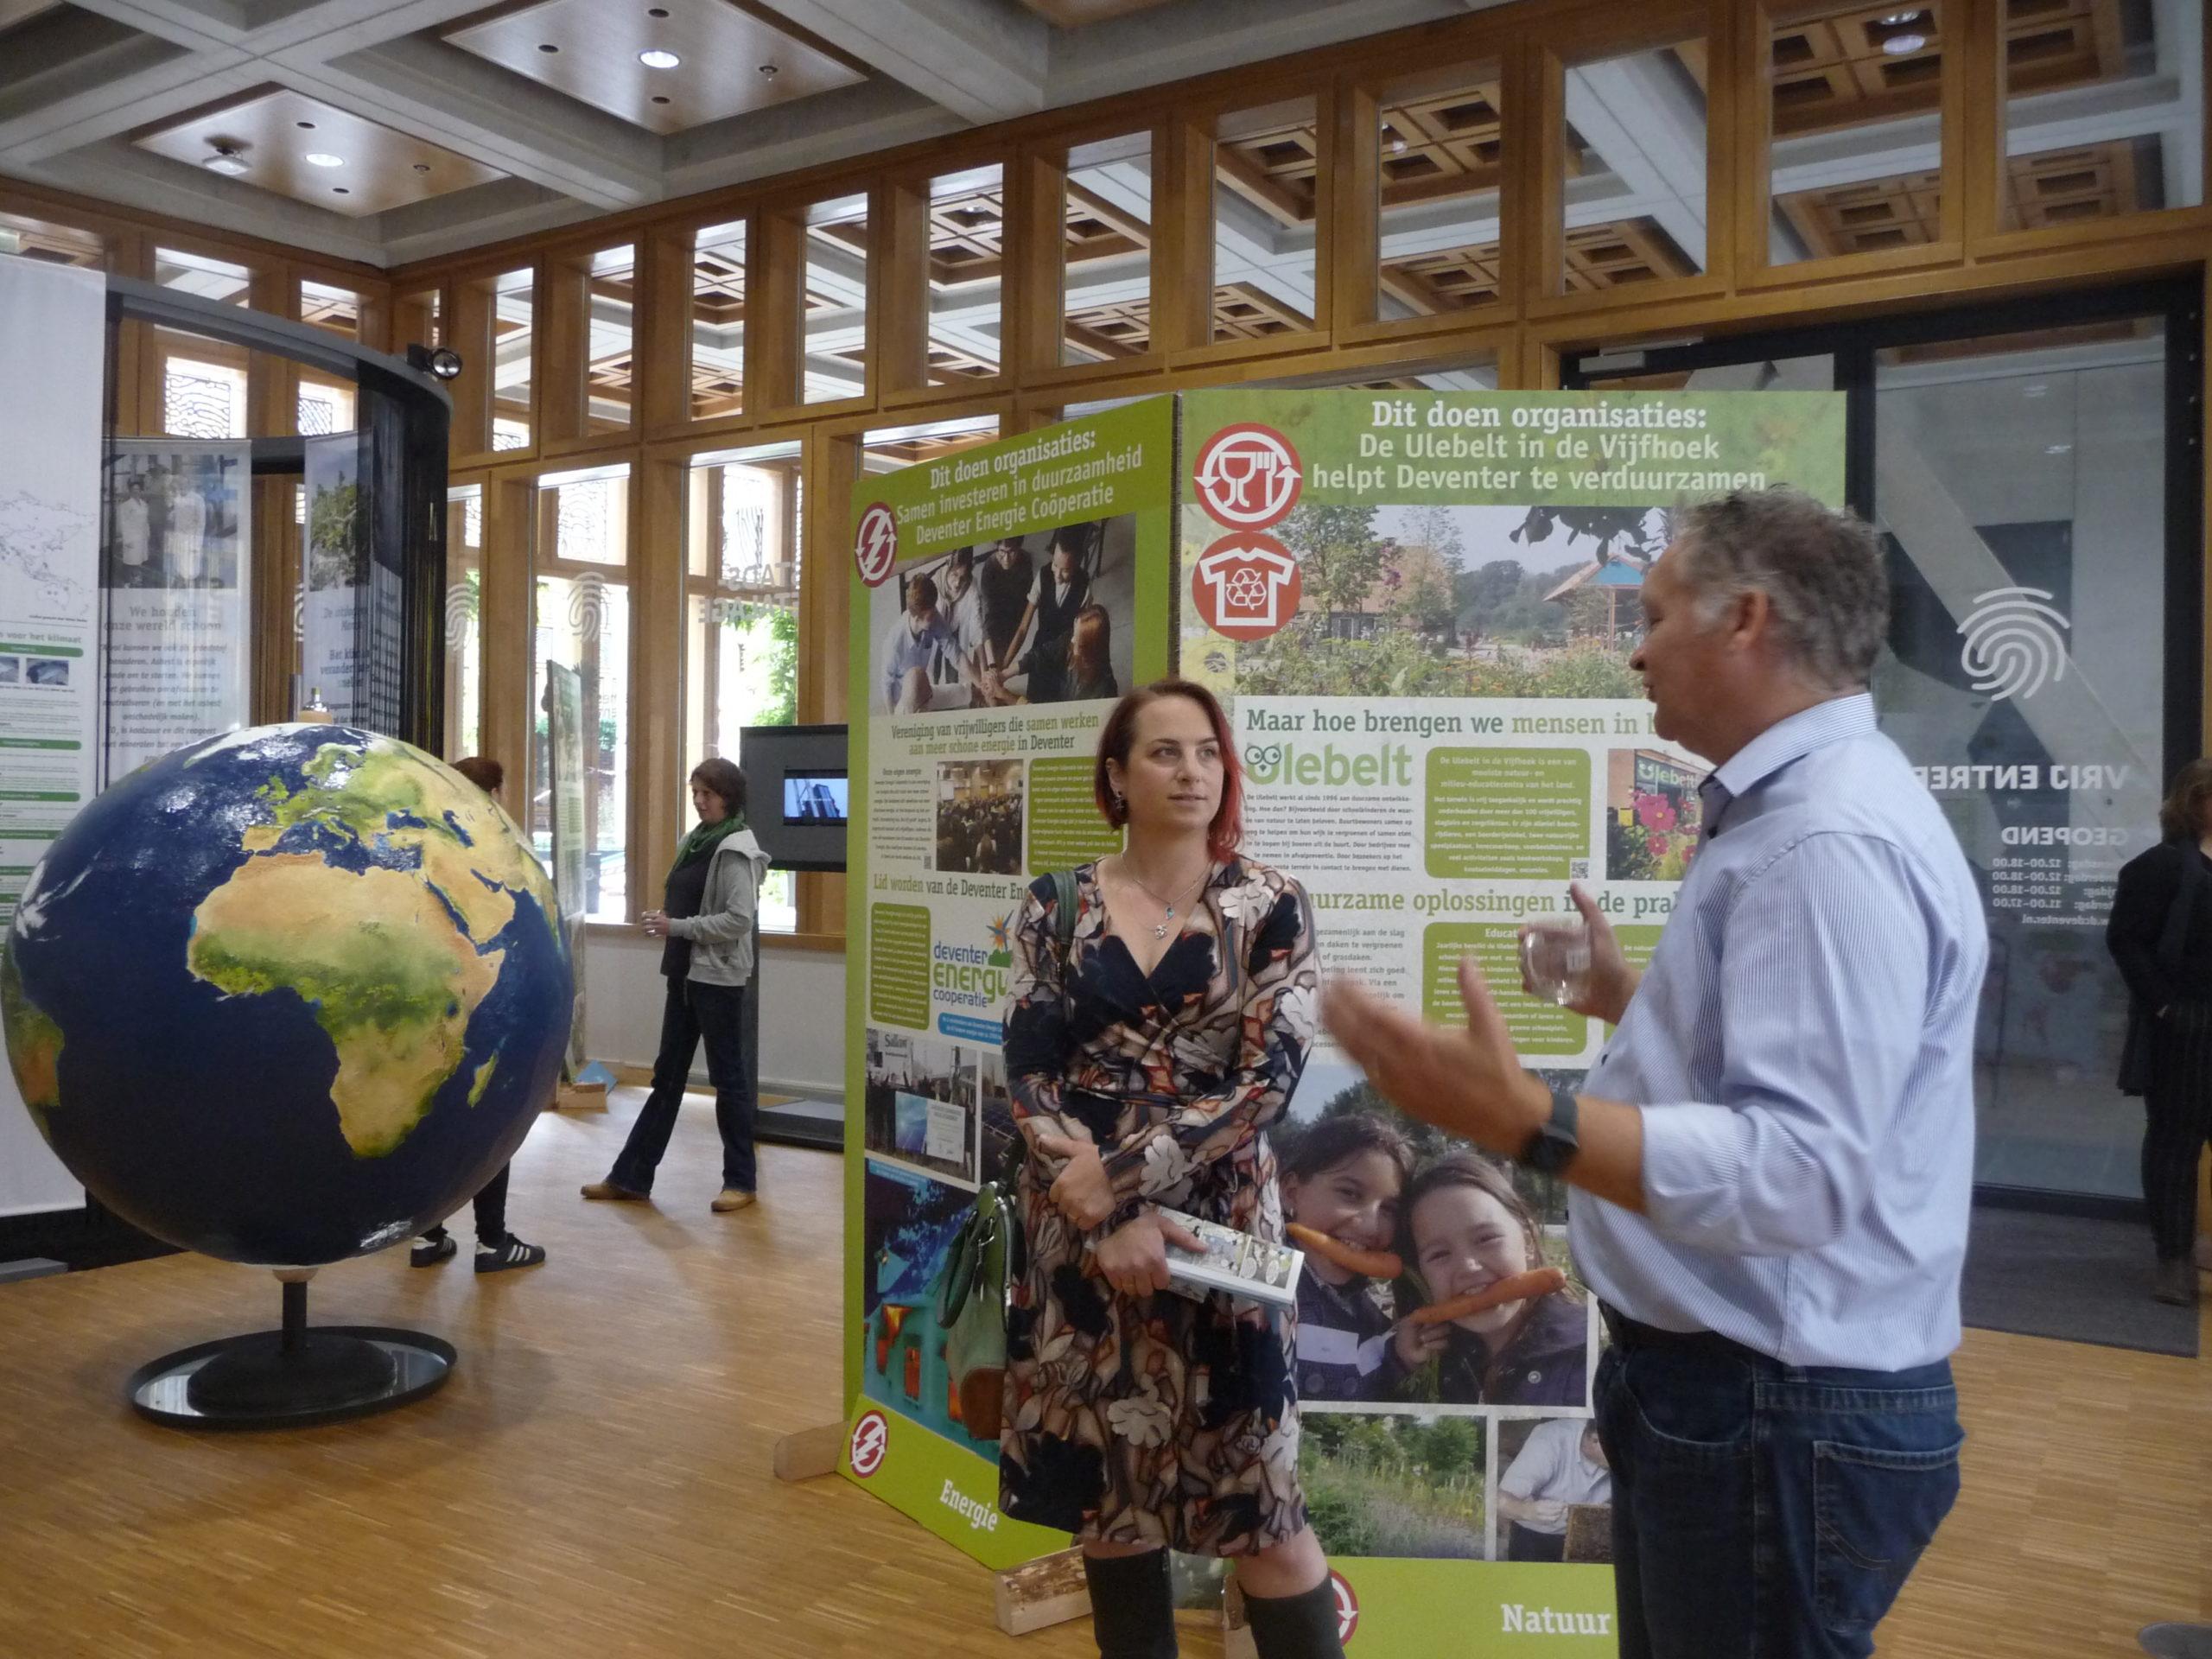 Duurzaamheidscentrum Deventer inspiratie voor andere gemeenten